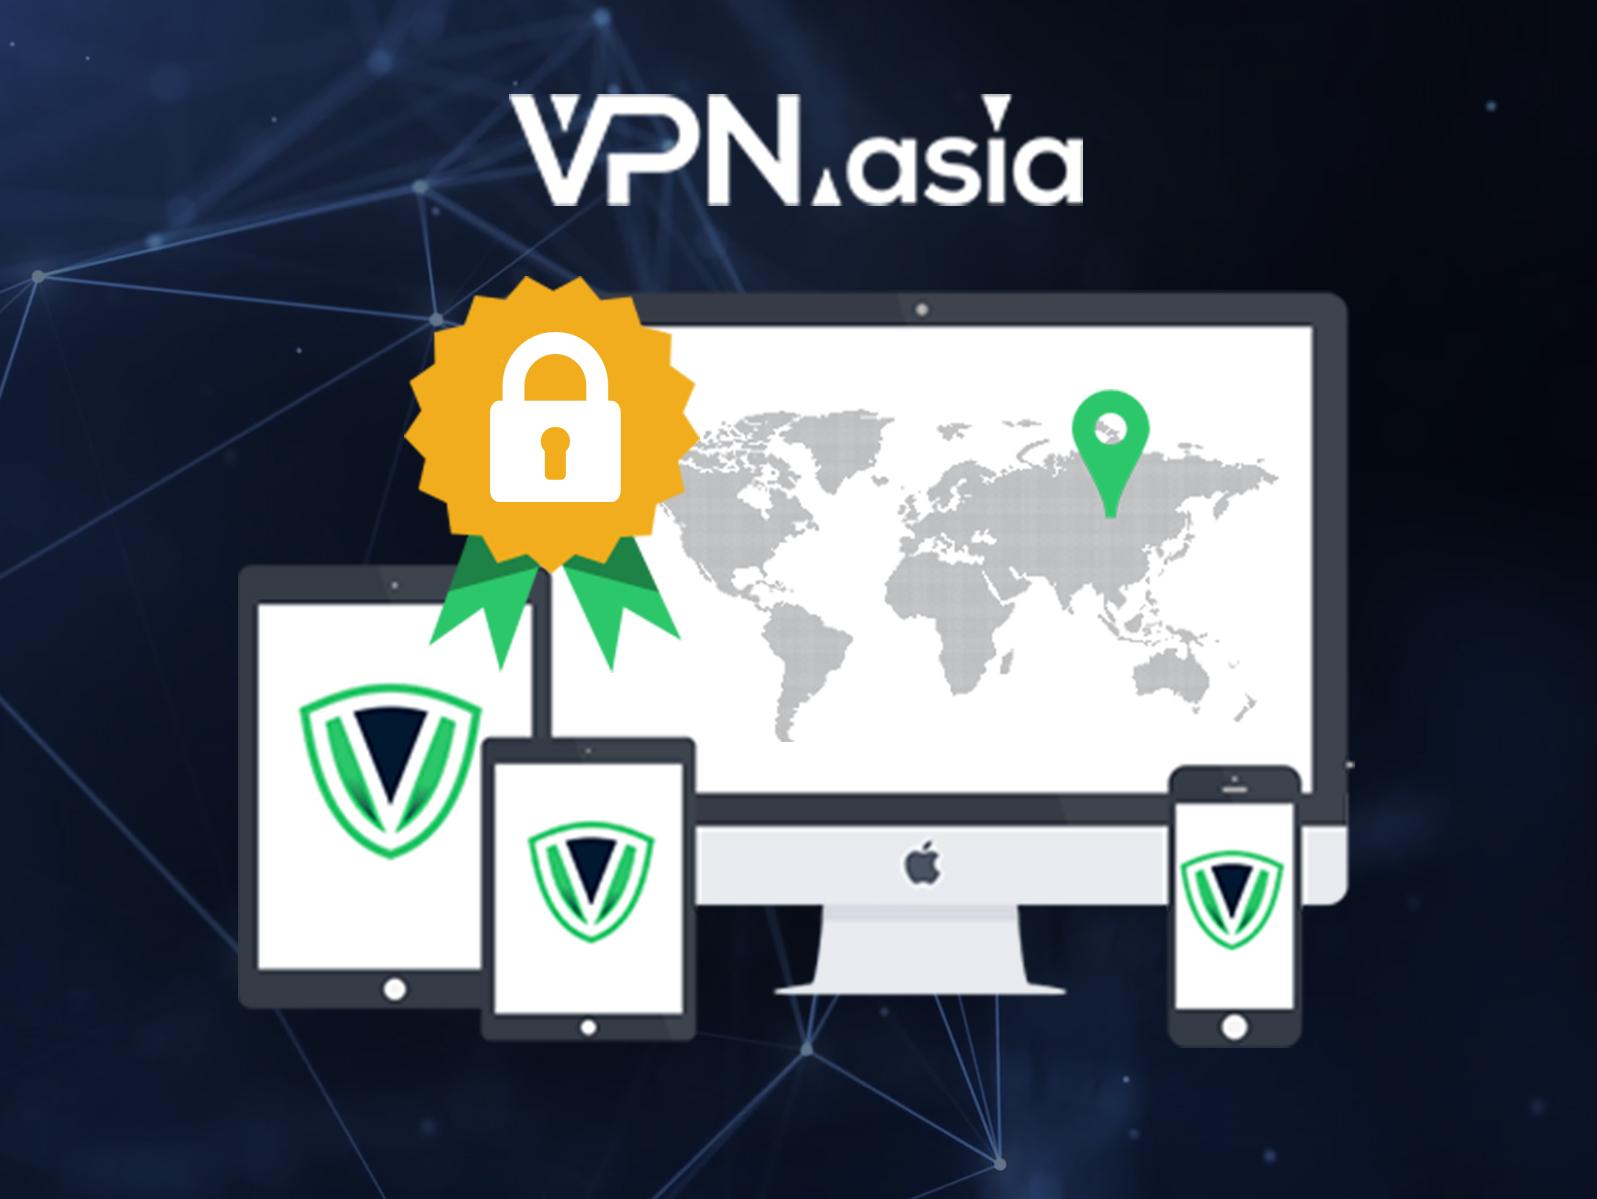 Teaser for VPN.asia Lifetime Subscription